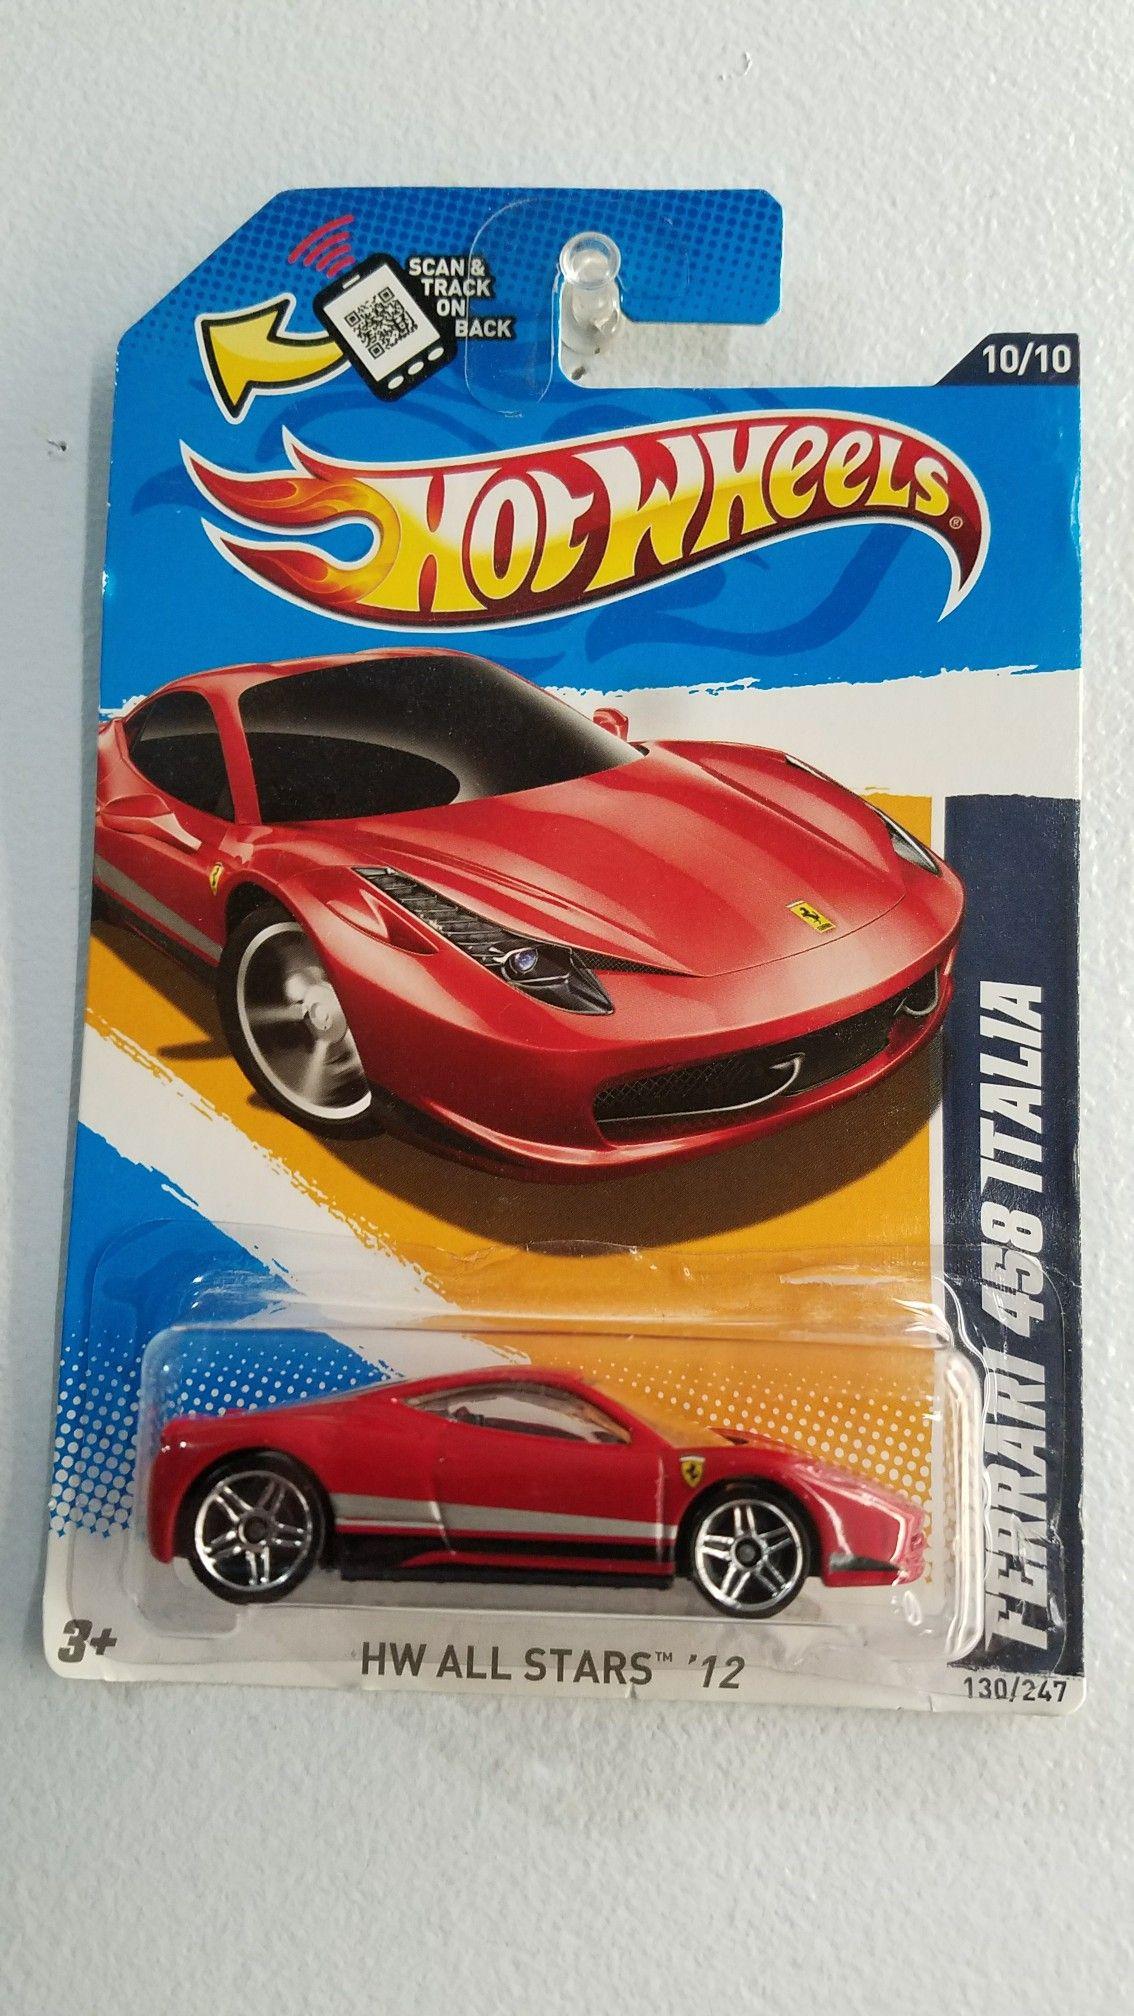 Ferrari 488 Gtb Hot Wheels Online Shopping